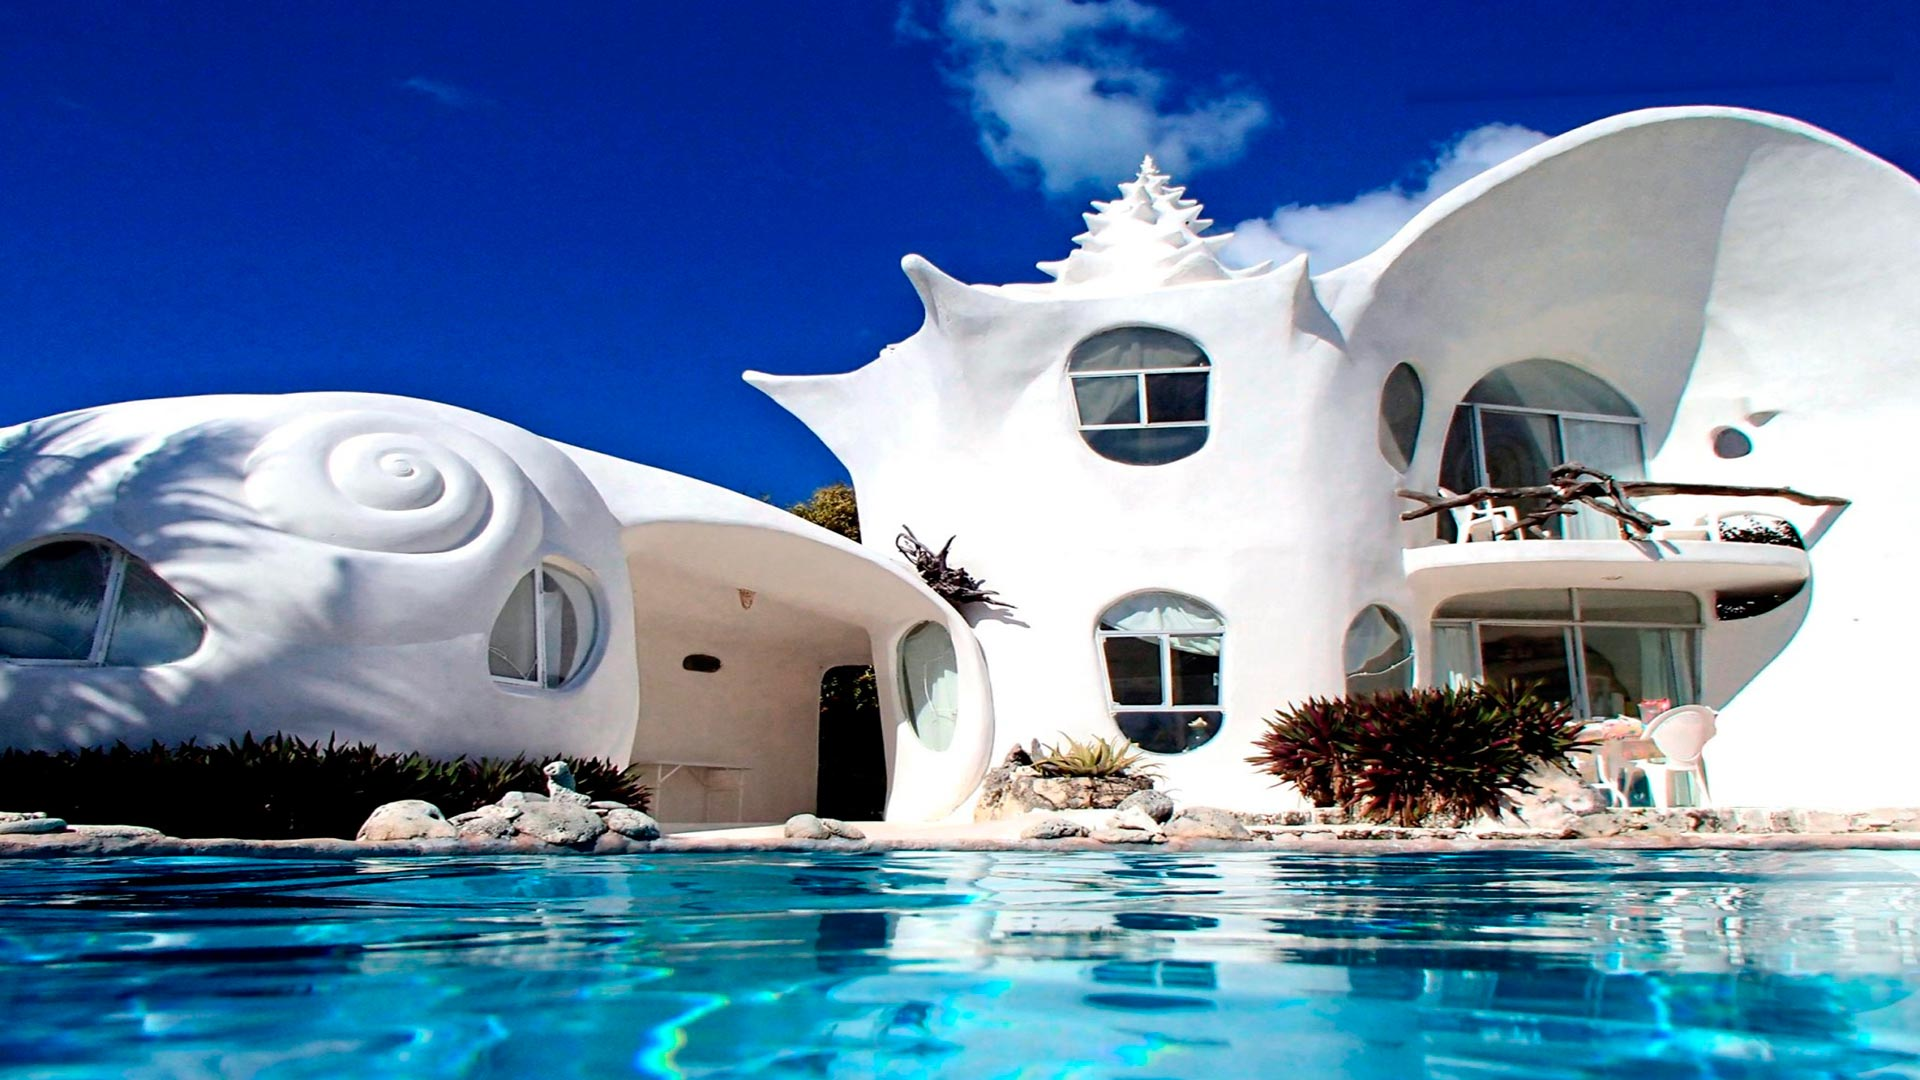 La casa caracol de Isla Mujeres - México